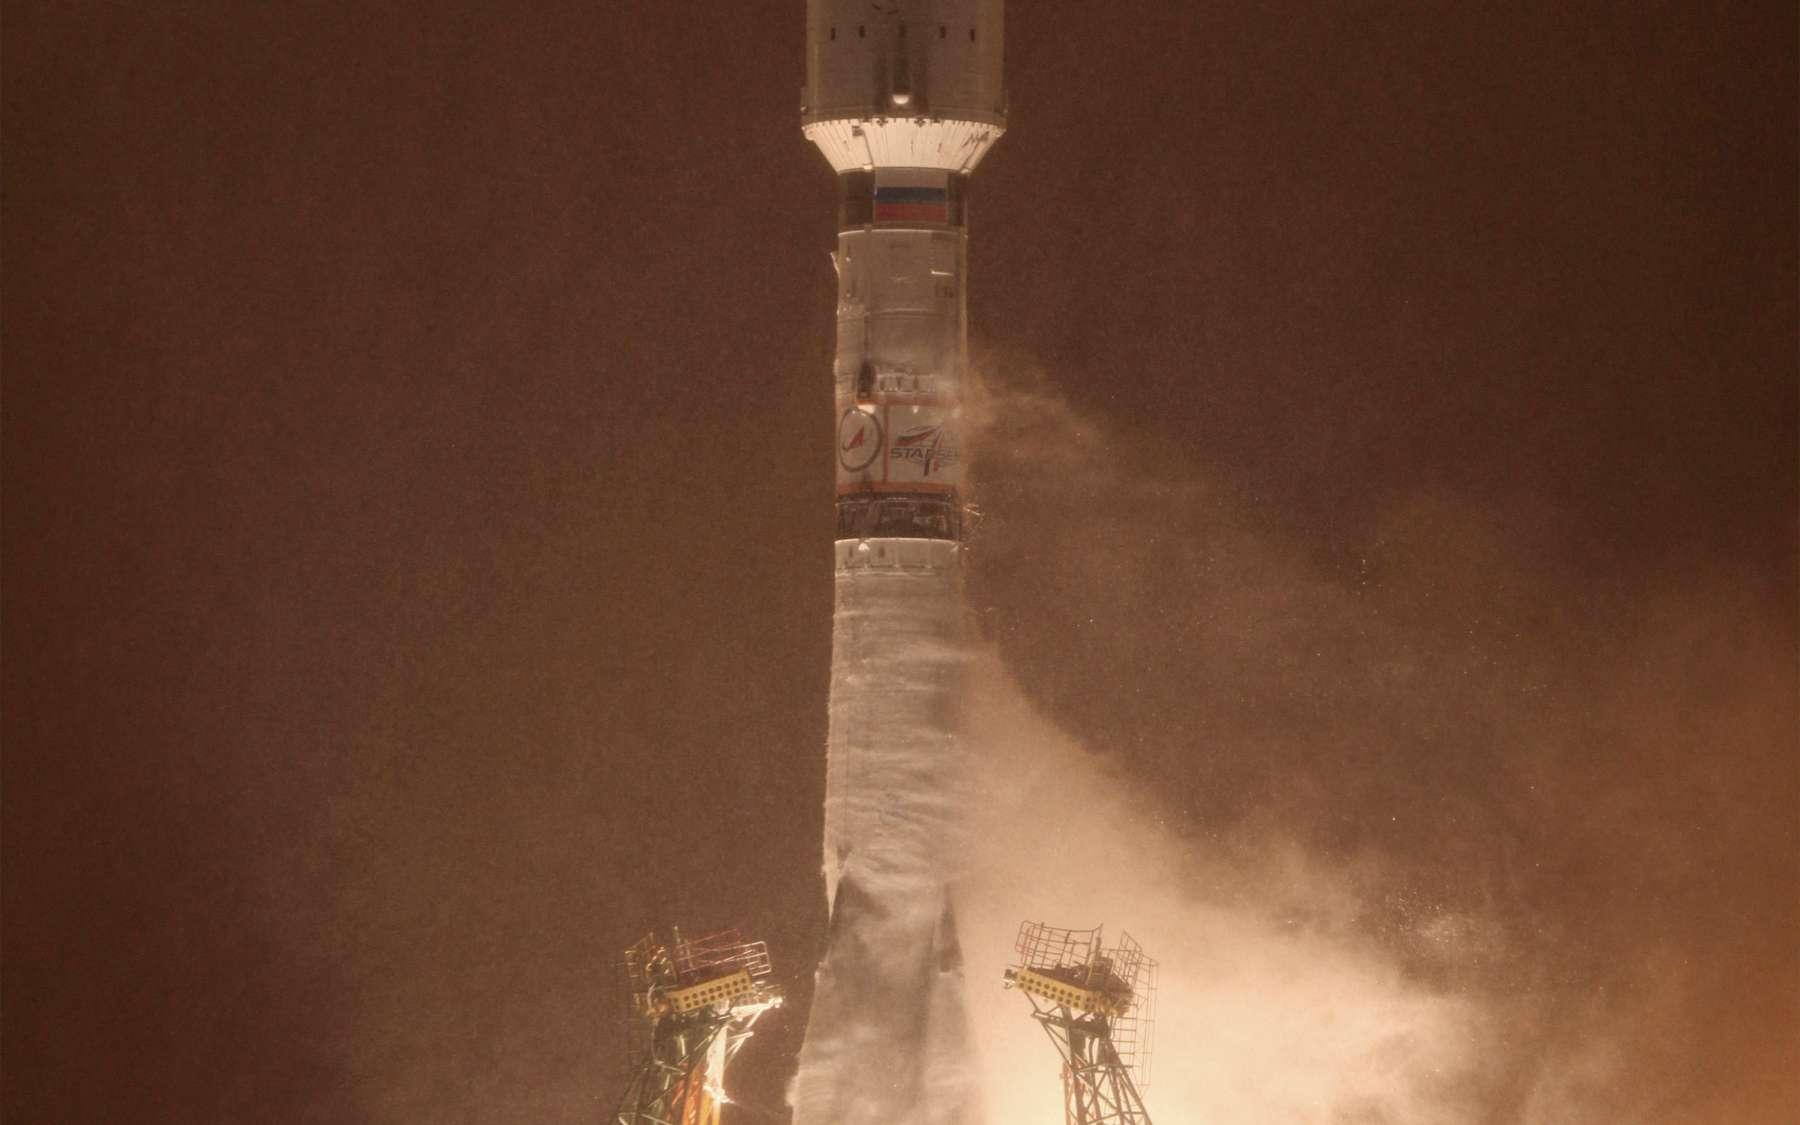 La série noire qui touche les lanceurs russes (Proton, Soyouz et Zenith) depuis décembre 2010 semble faire une pause pour les lancements de satellites étrangers. En effet, les seuls échecs concernent des satellites russes et un cargo Progress. Les six satellites Globalstar-2 ont été mis en orbite avec succès par un lanceur Soyouz (28 décembre 2011). © Roscosmos